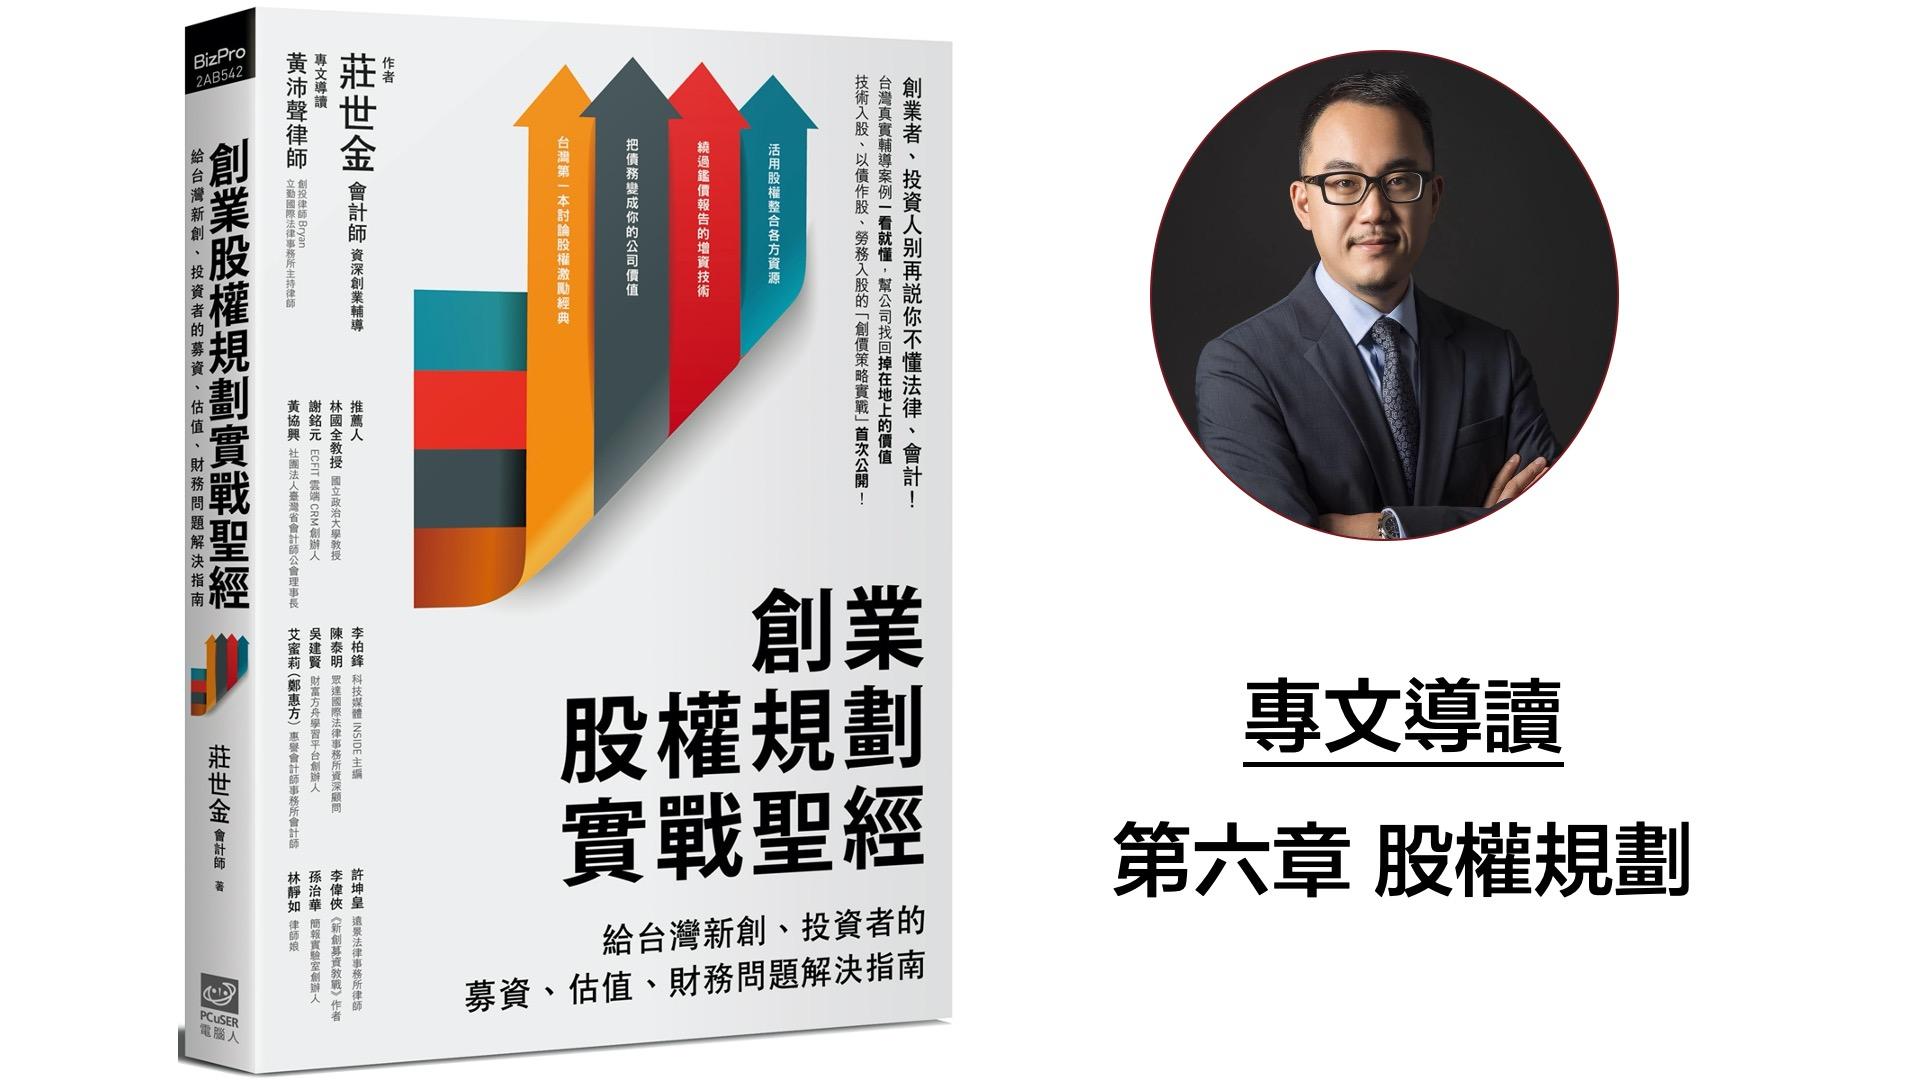 黃沛聲-第六章,如何聰明進行股權規劃,讓投資與經營團隊雙贏